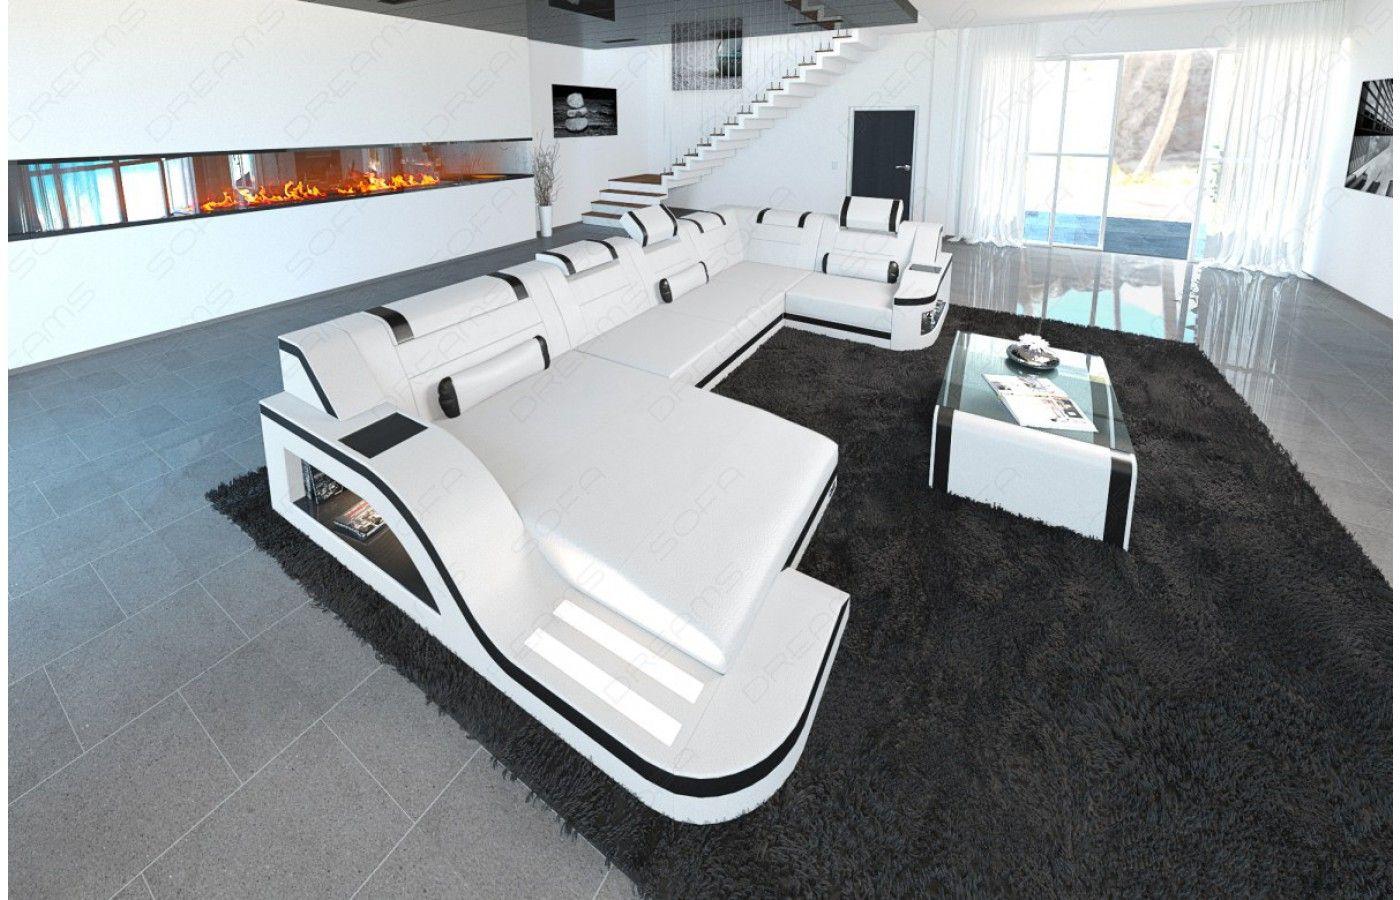 Wohnlandschaft design  Design #Wohnlandschaft PALERMO U Form mit #LED - Exklusiv bei ...